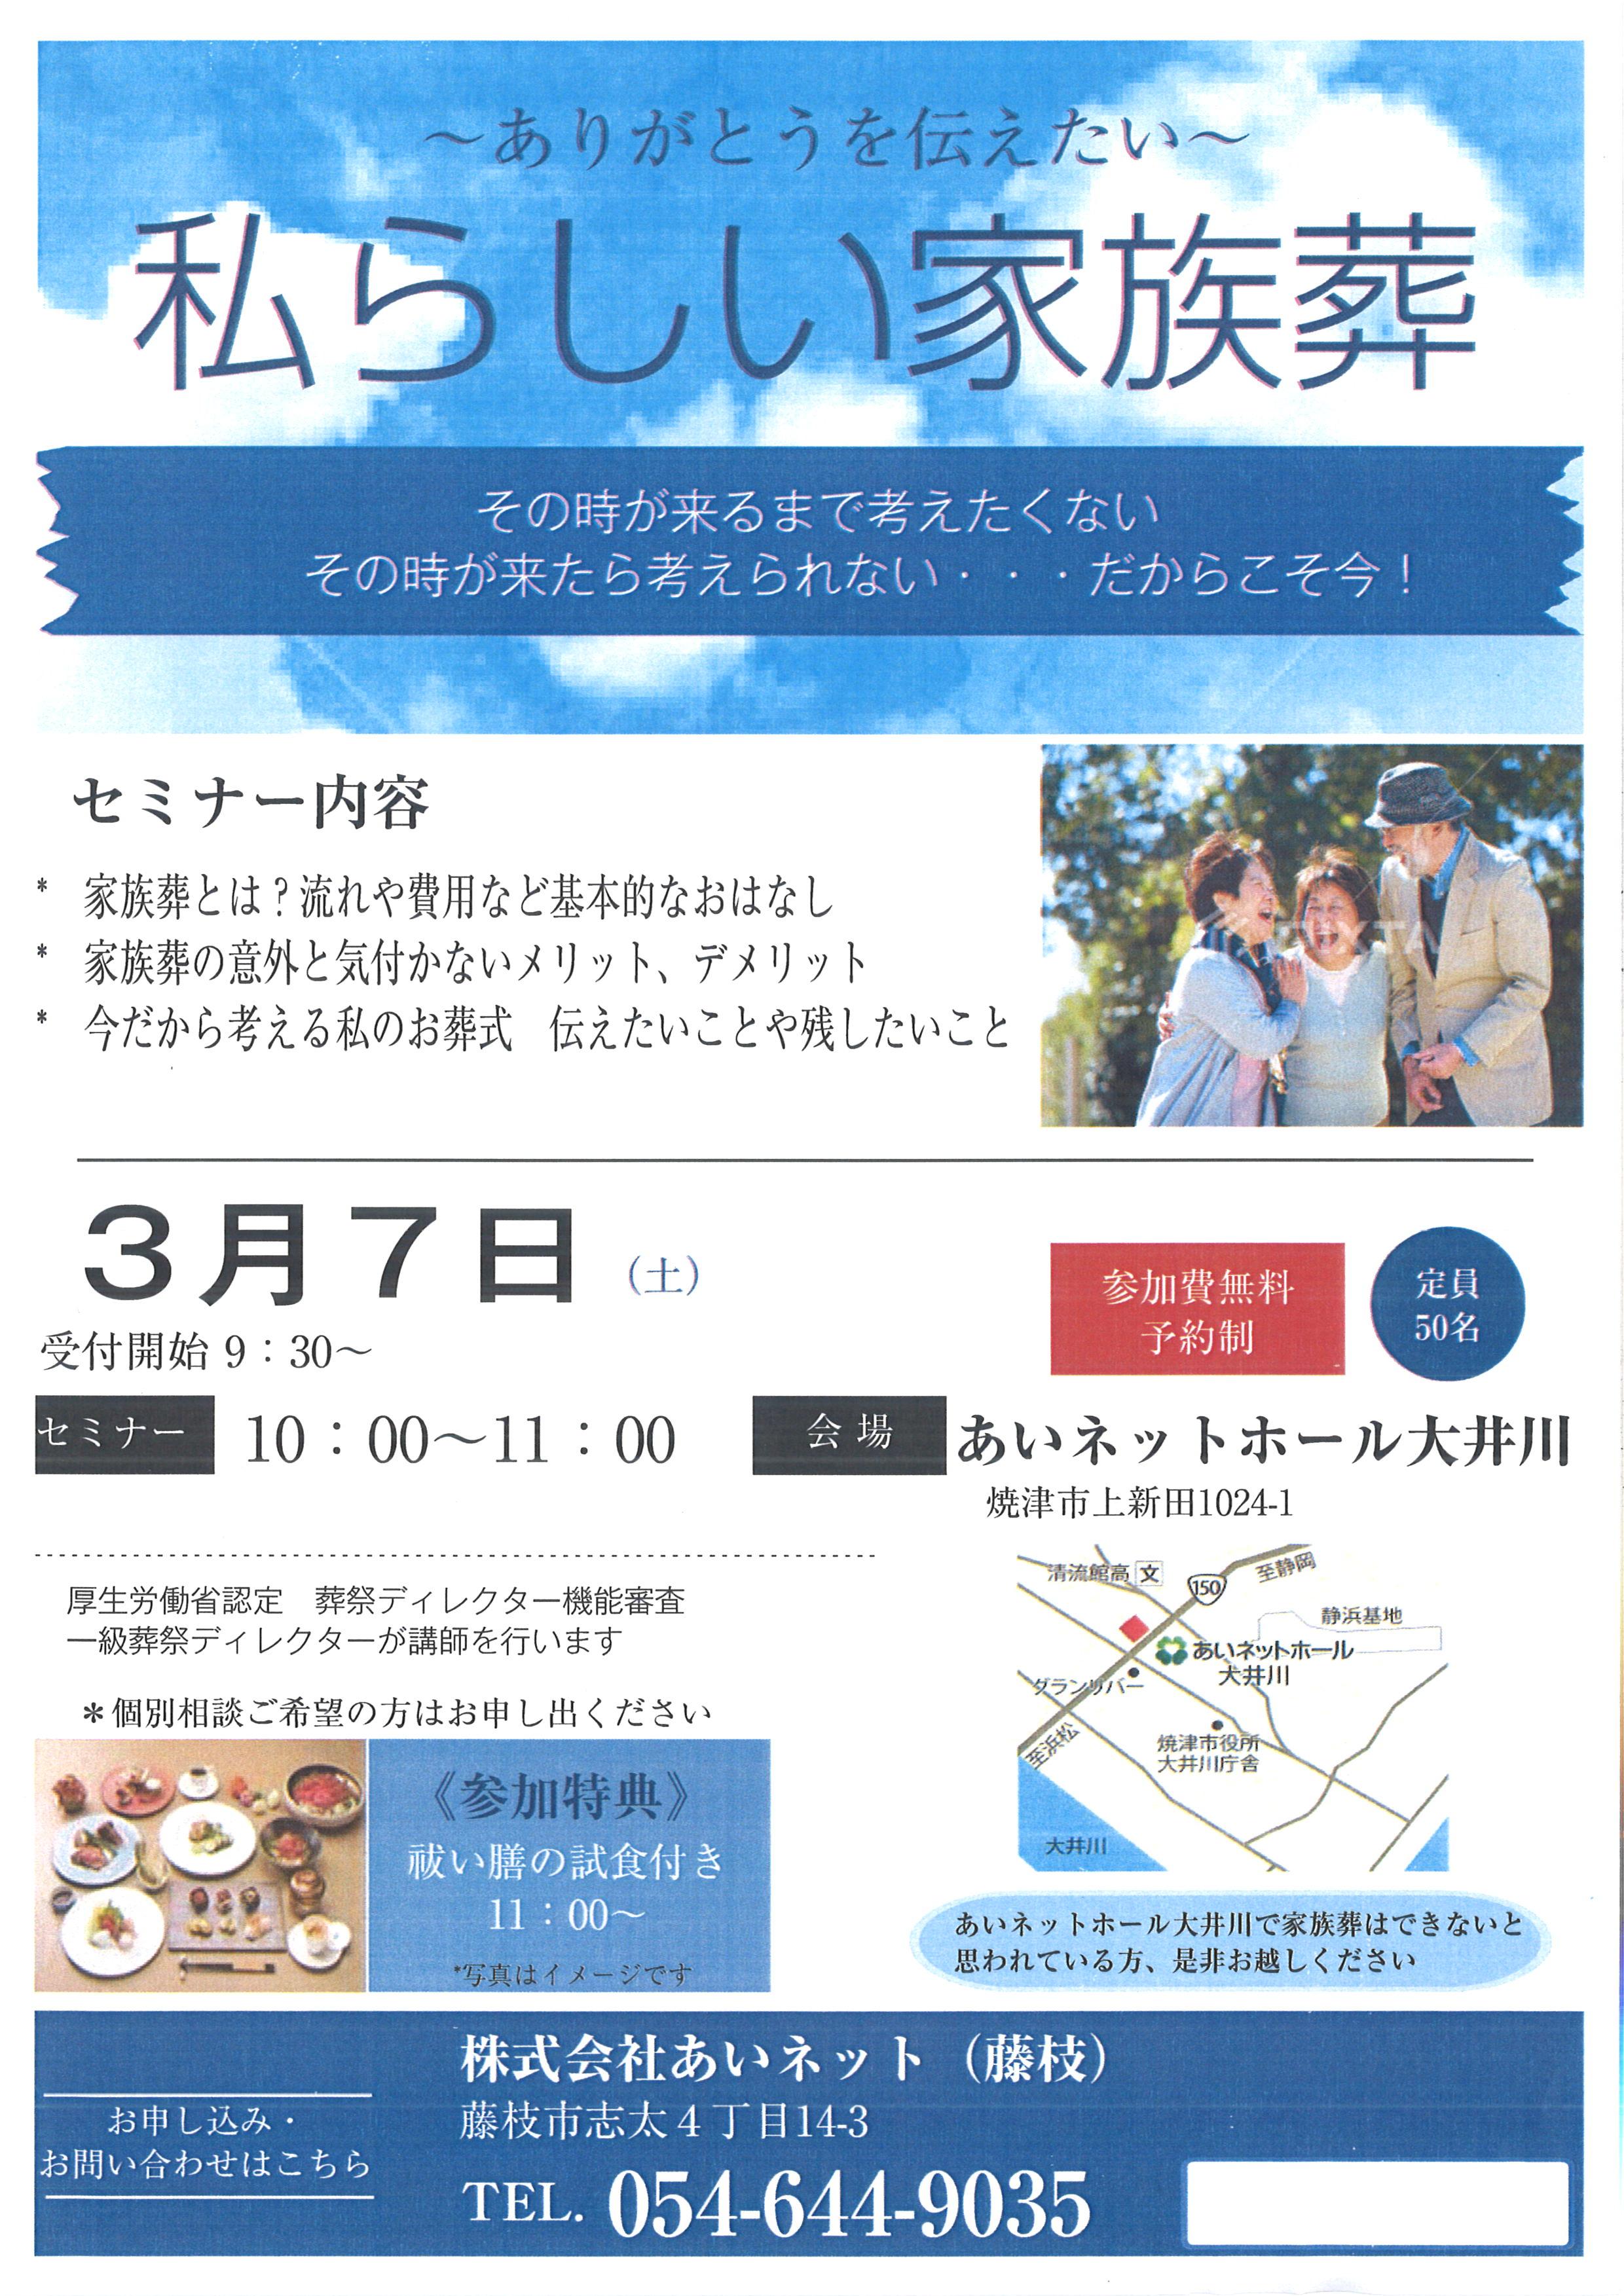 3月7日開催!私らしい家族葬